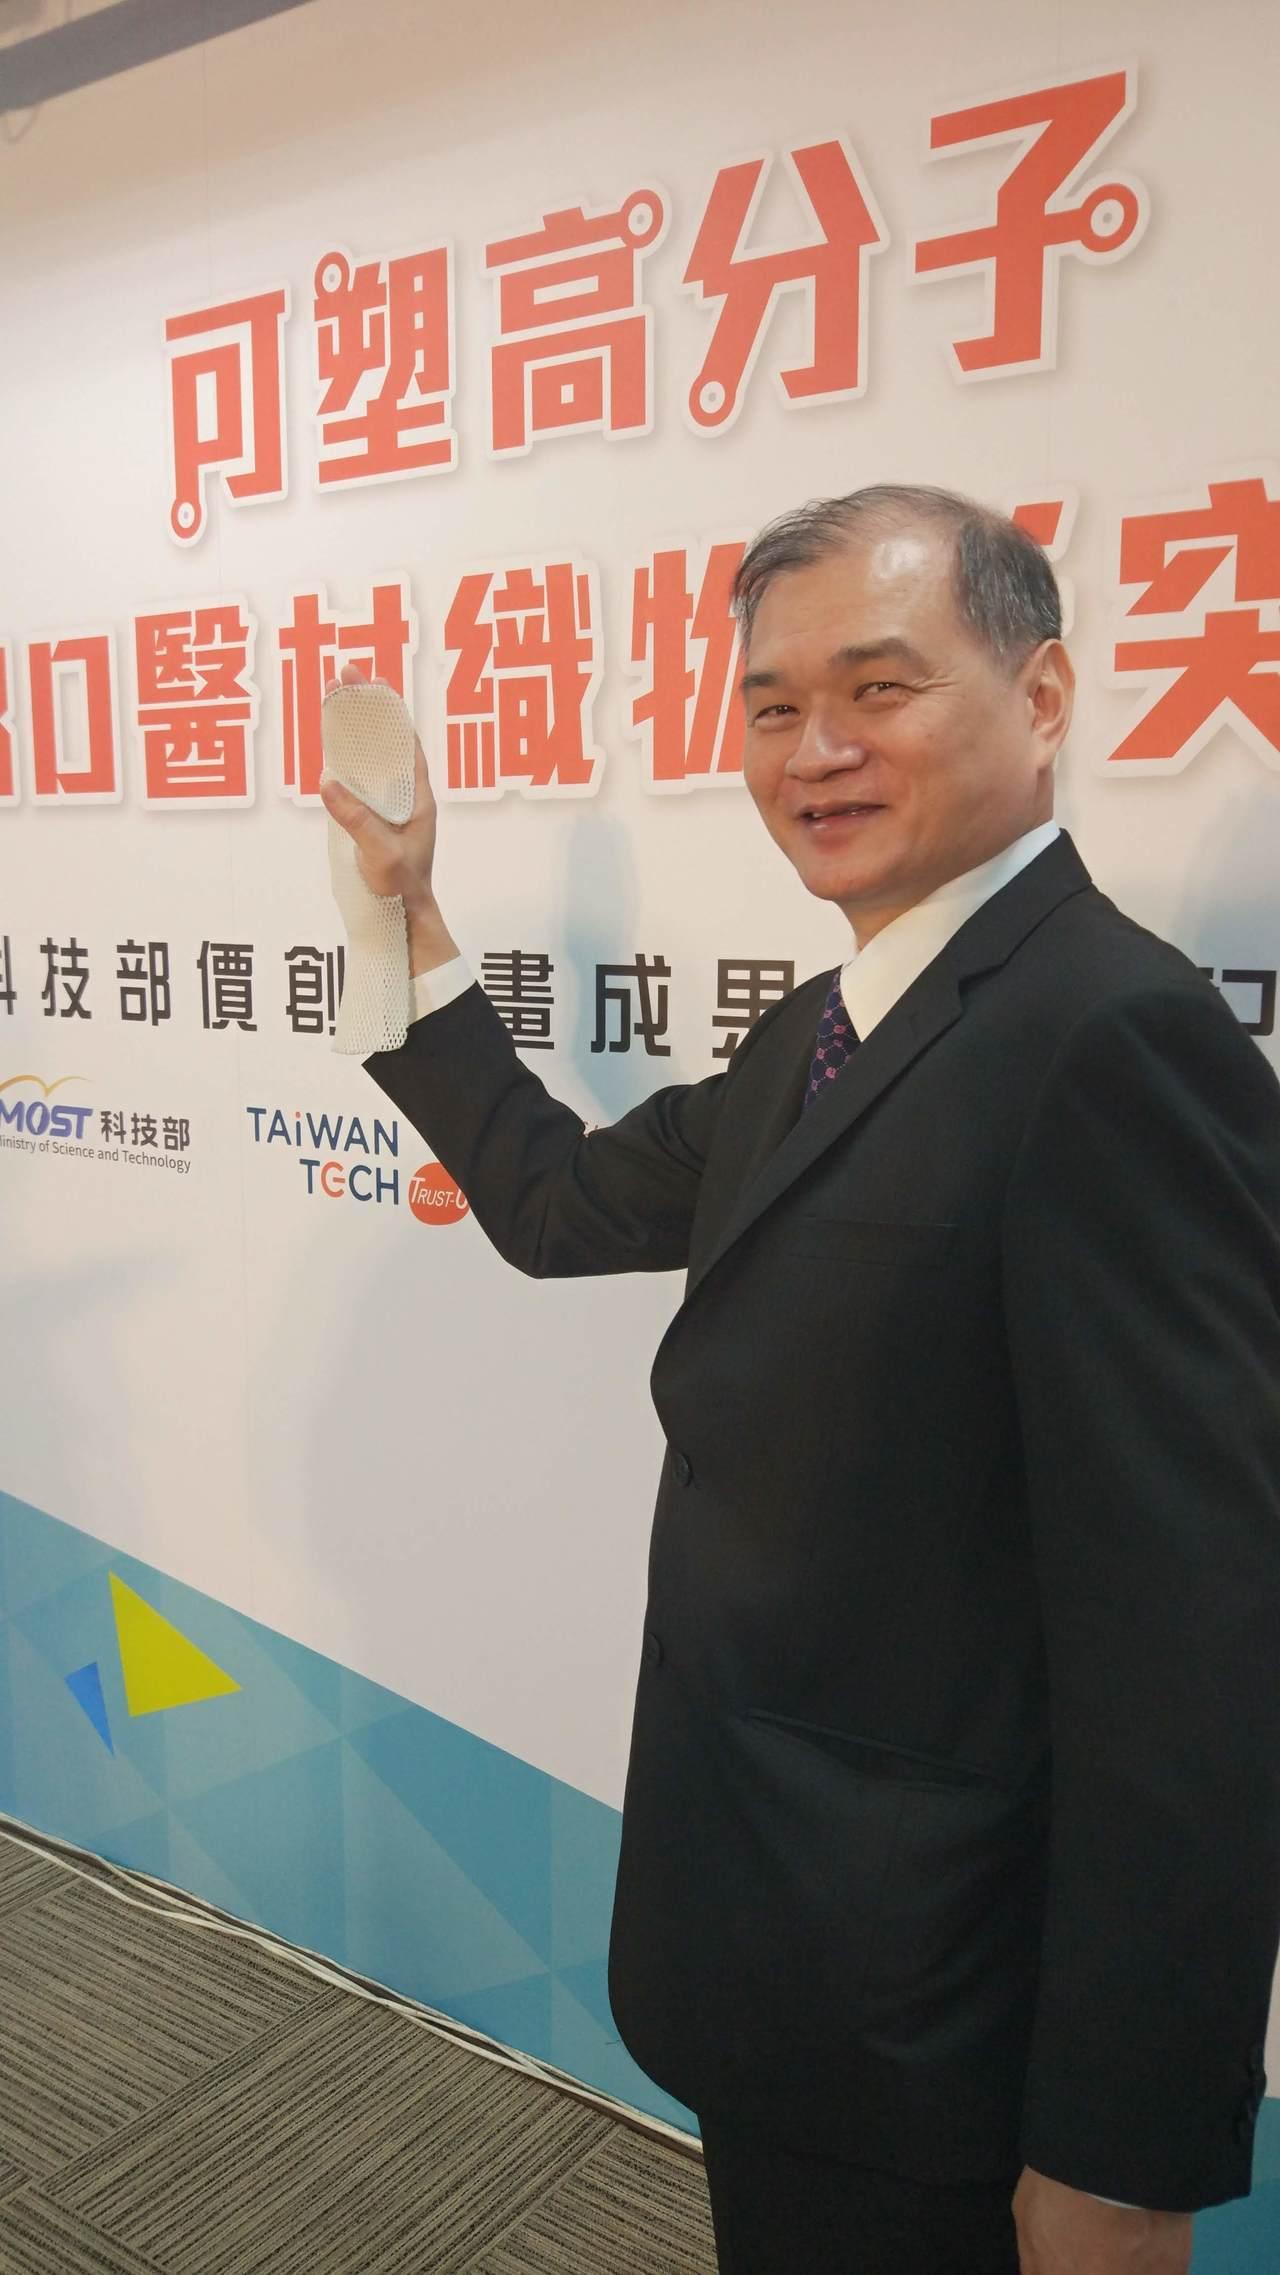 台北科技大學分子系暨有機高分所教授芮祥鵬用近3年的時間開發出「新世代智慧型3-D...